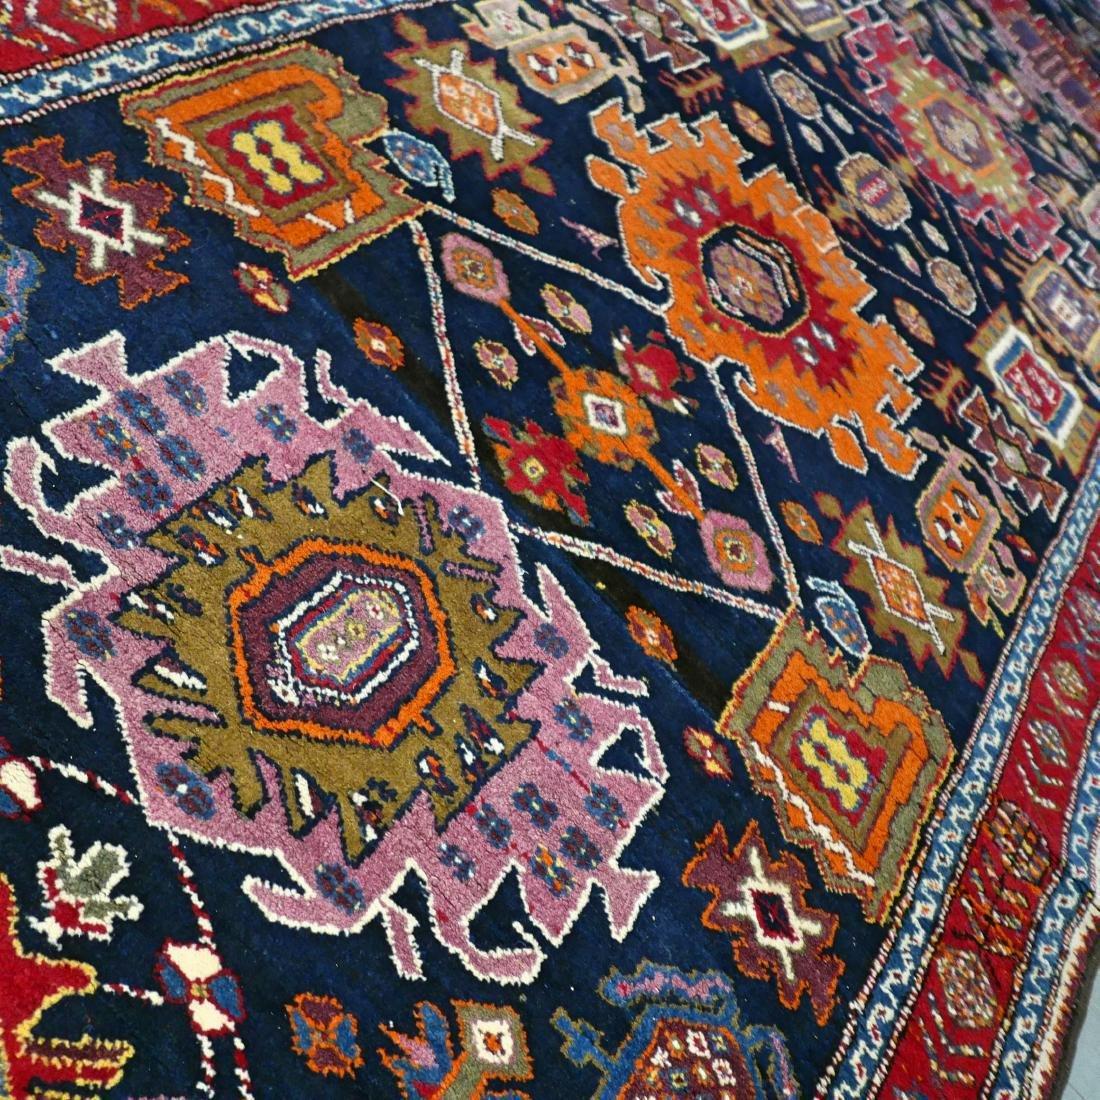 Colorful Unique Design Kazak Runner Rug 11.1x4.6 - 4